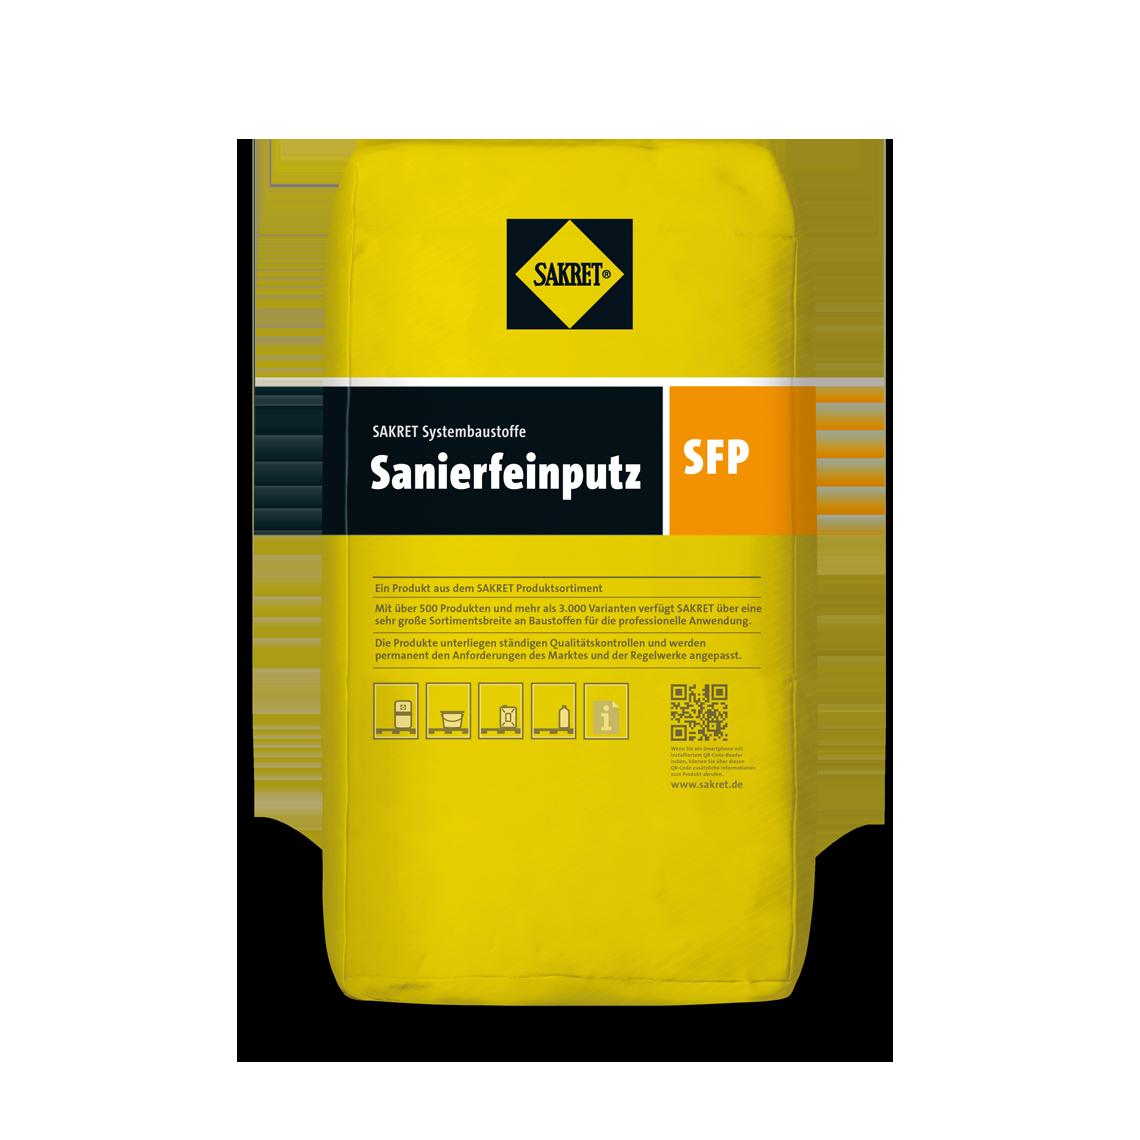 Abbildung SARKET Sanierfeinputz SFP